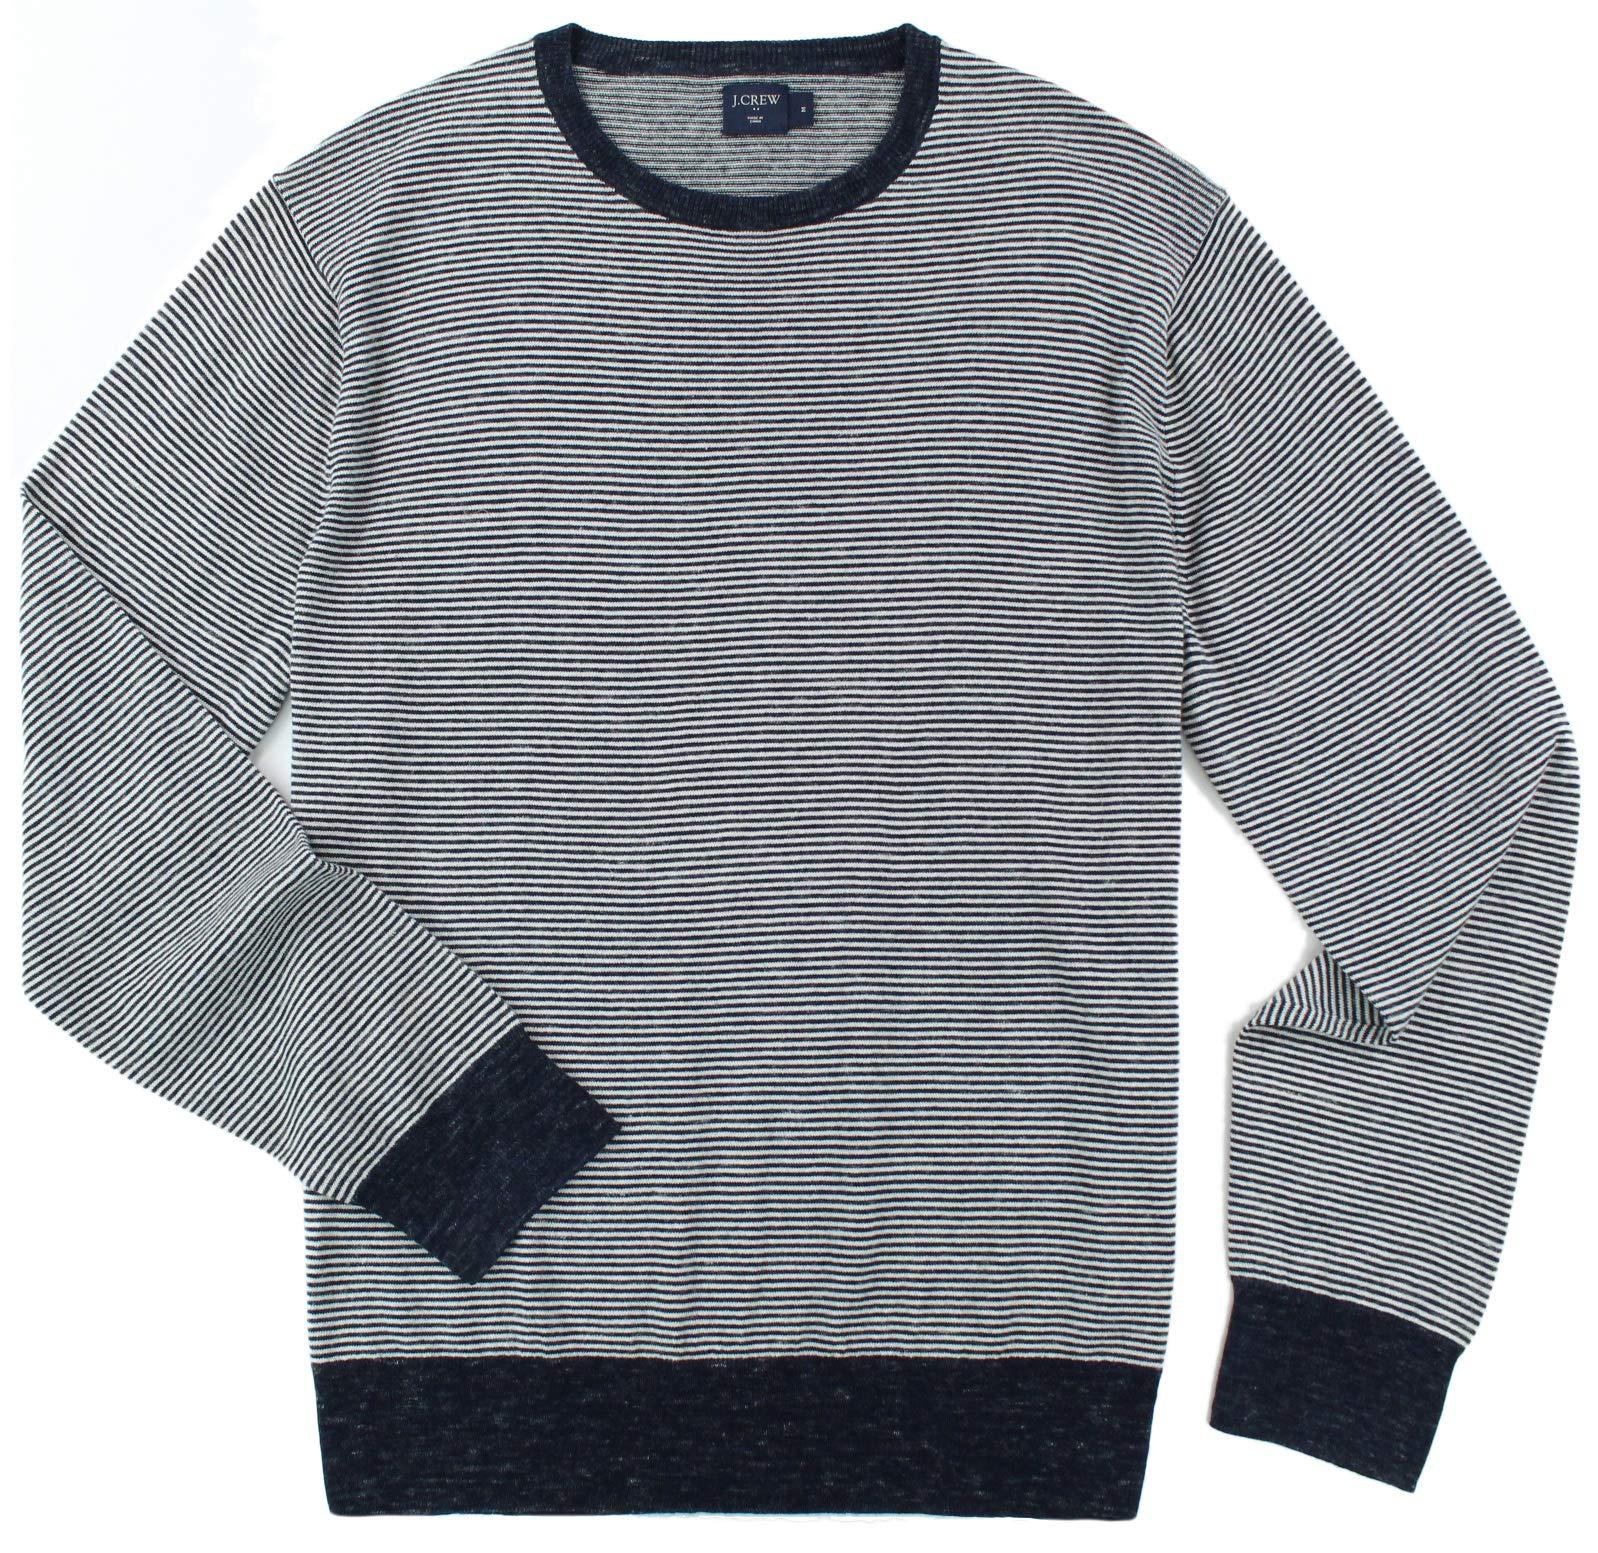 J. Crew - Men's - Cotton/Linen Crewneck Sweater (Multiple Color/Size Options) (Large, Indigo Stripe)